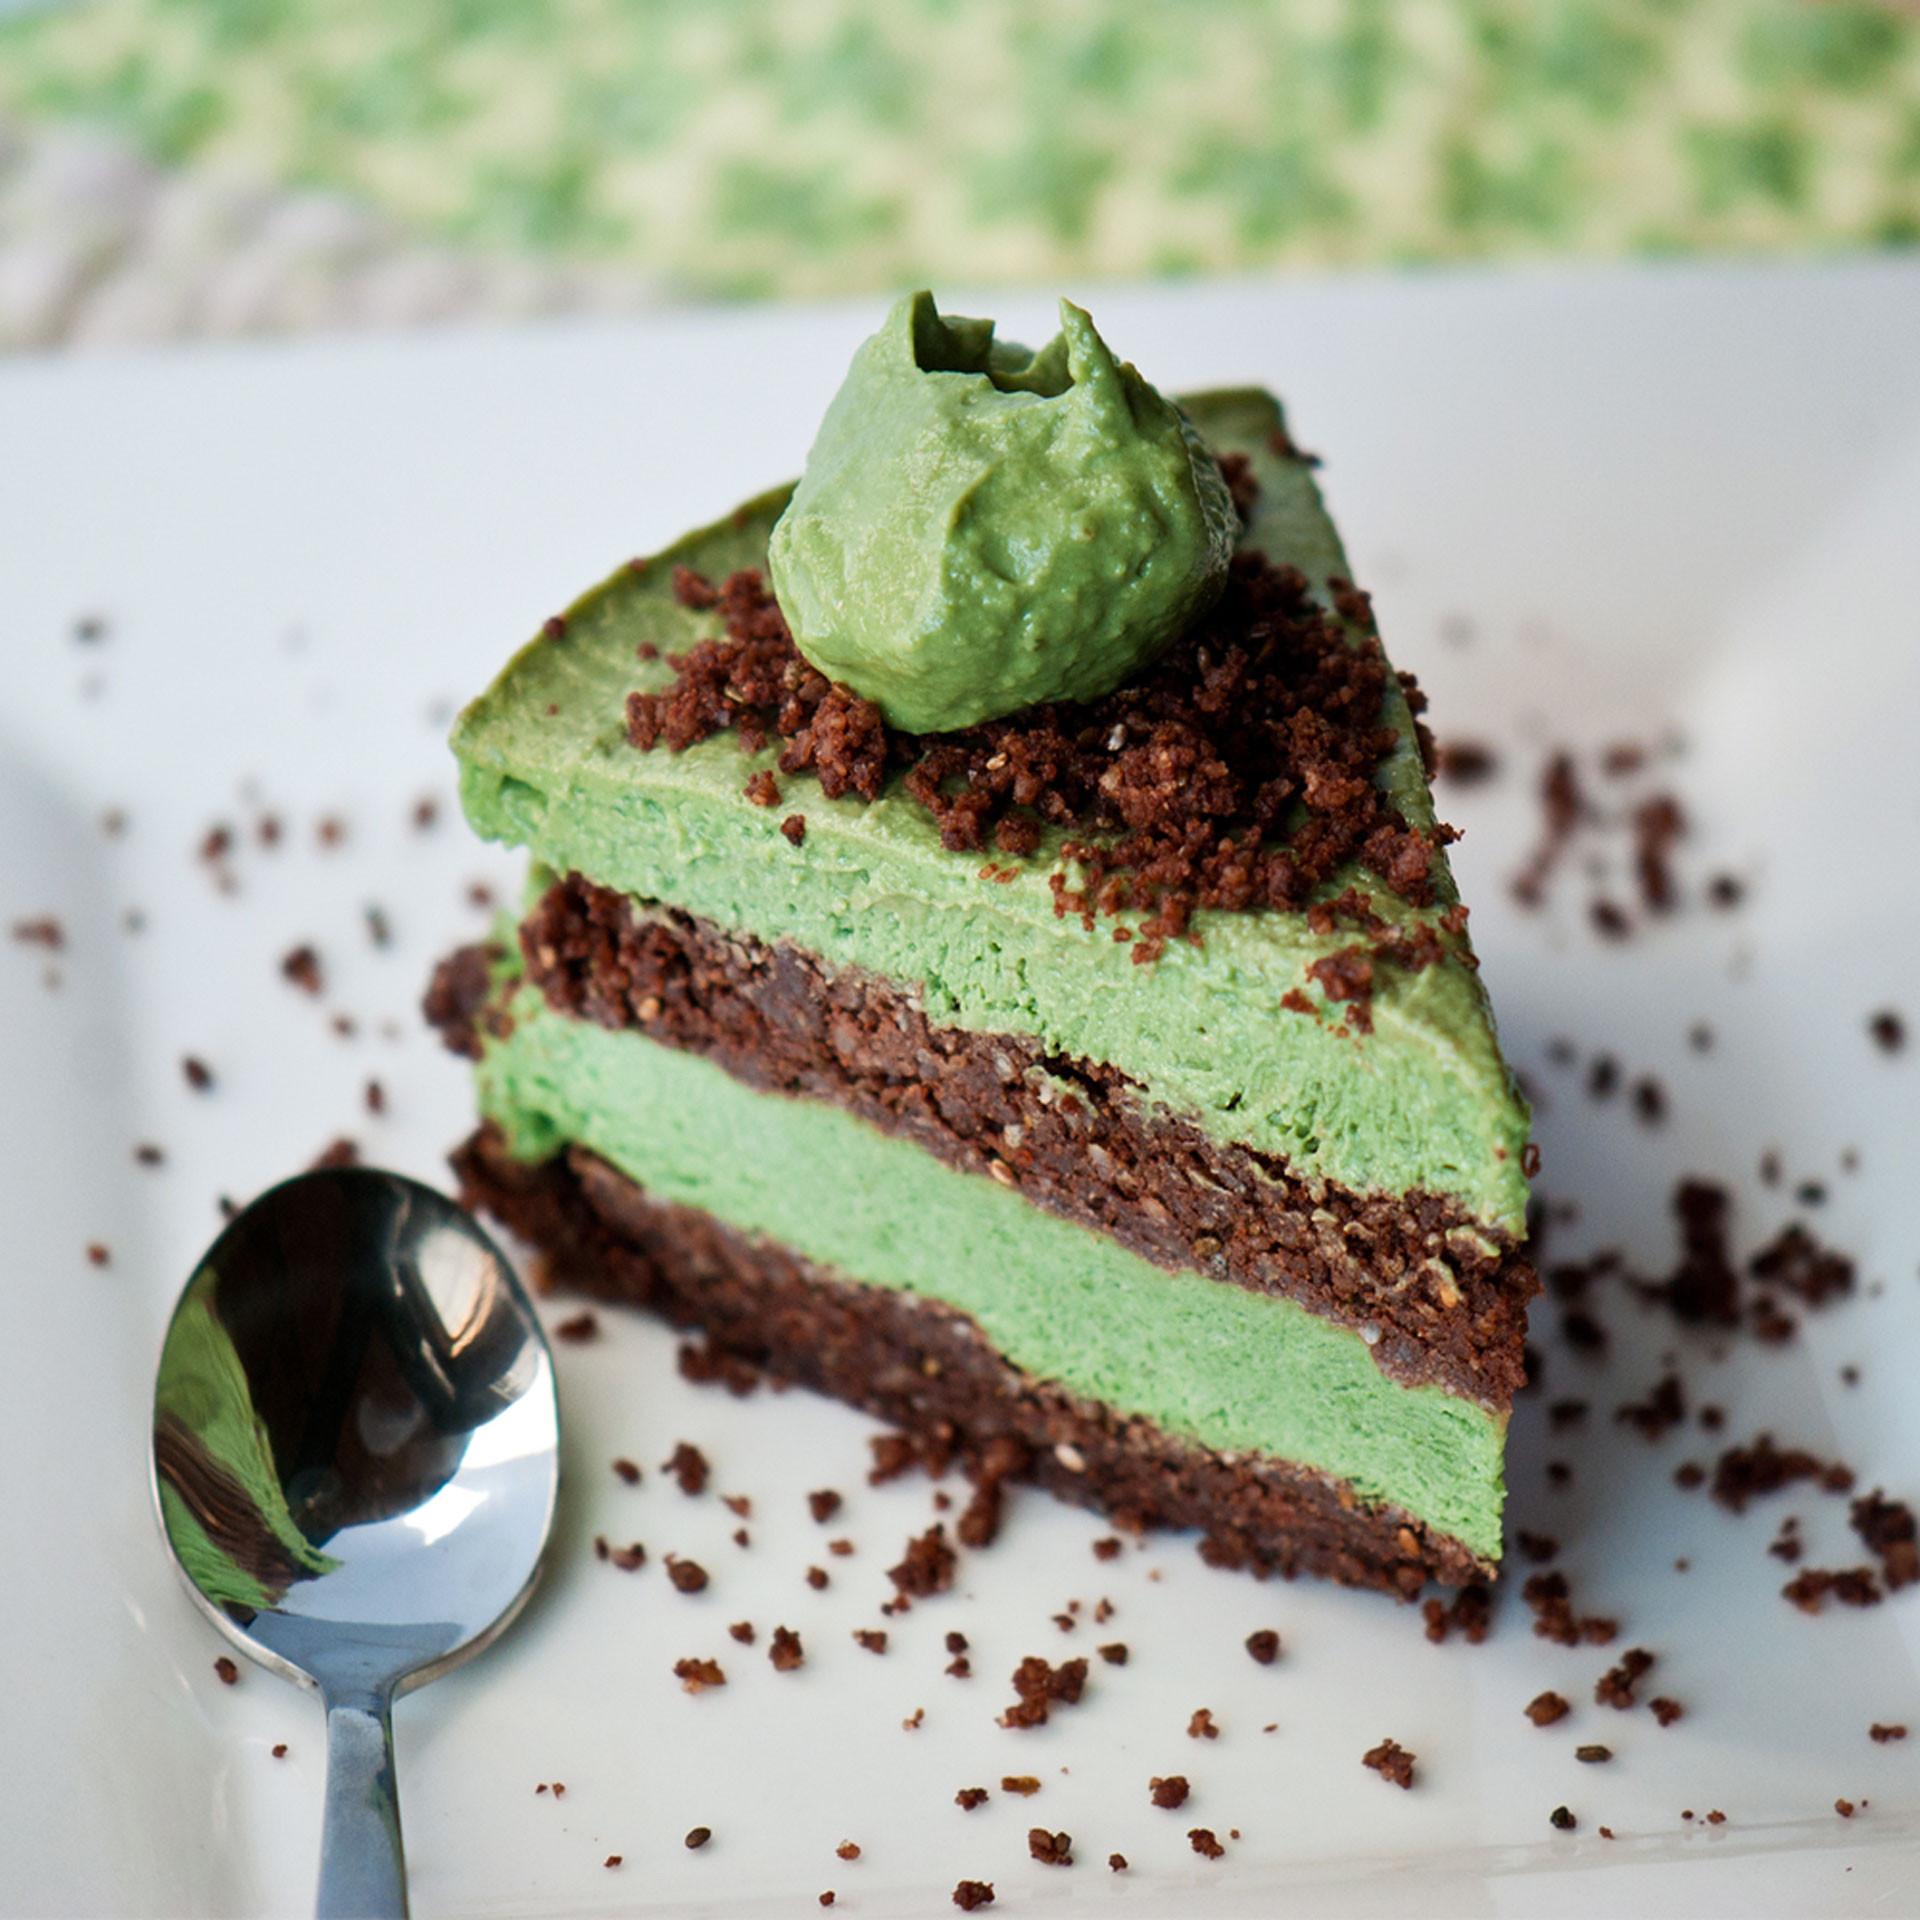 Healthy Chocolate Dessert Recipes  Avocado Dessert Recipes Healthy Desserts Made with Avocado